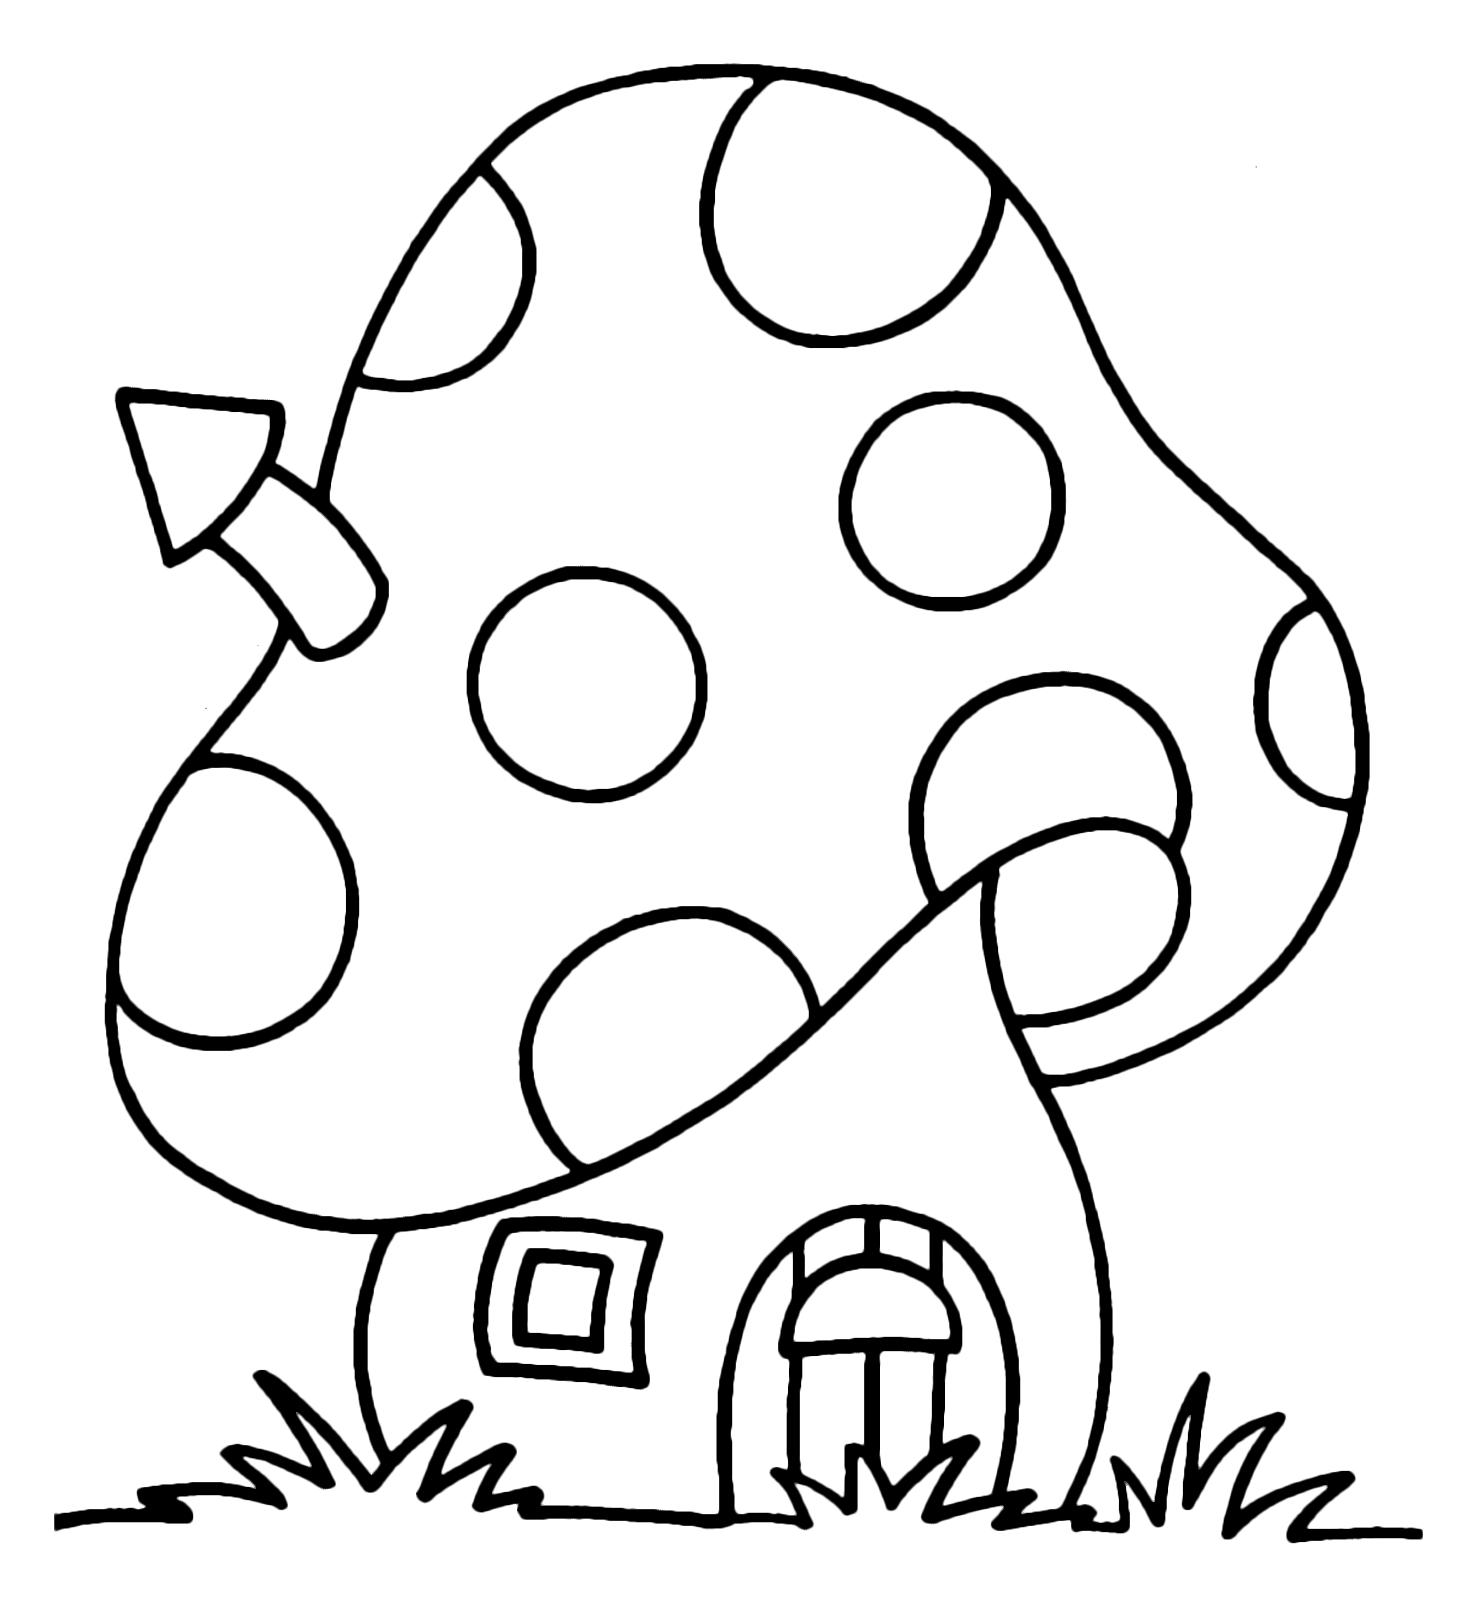 Tuyển tập tranh tô màu cho bé 2 tuổi đẹp mắt và dễ tô nhất   Sách tô màu,  Hình ảnh, Nấm rơm